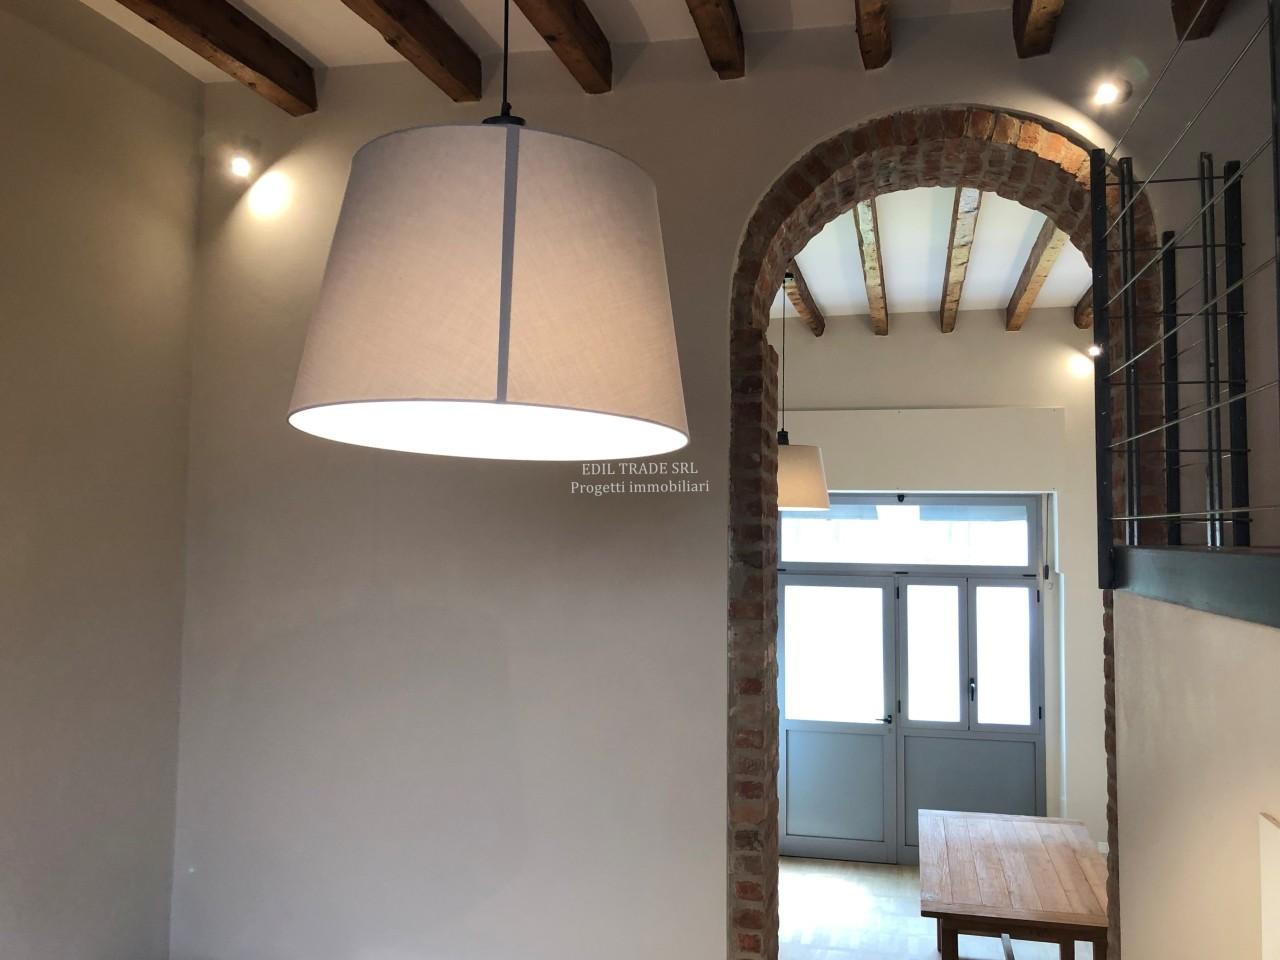 milano vendita quart: 014 firenze/ cenisio/ sempione edil trade s.r.l. progetti immobiliari